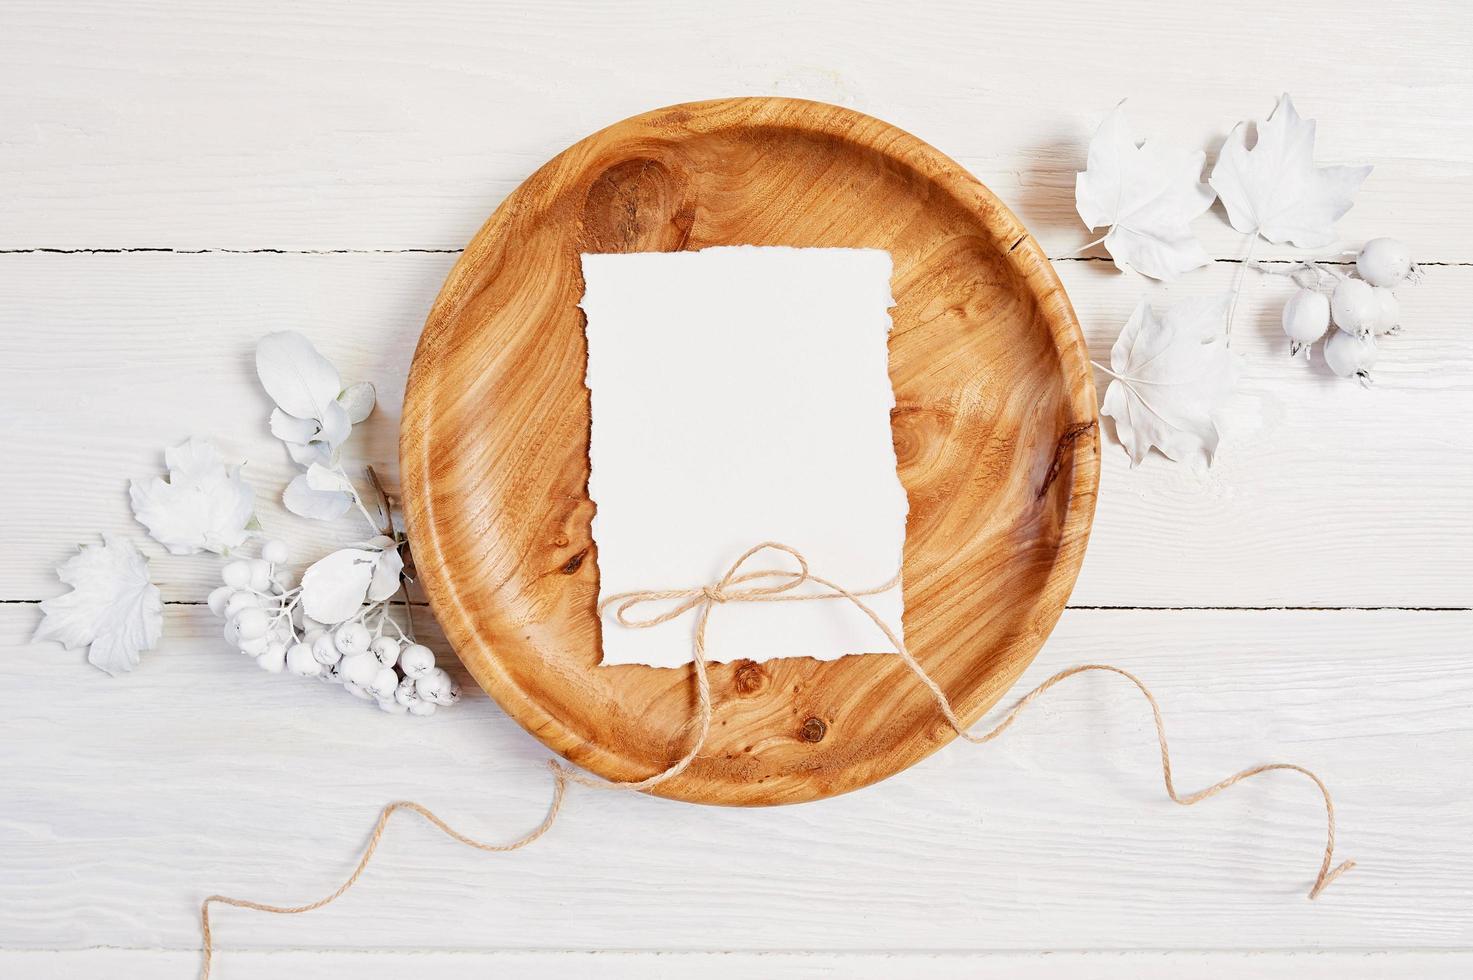 papel en blanco en un tazón de madera sobre una mesa de madera foto